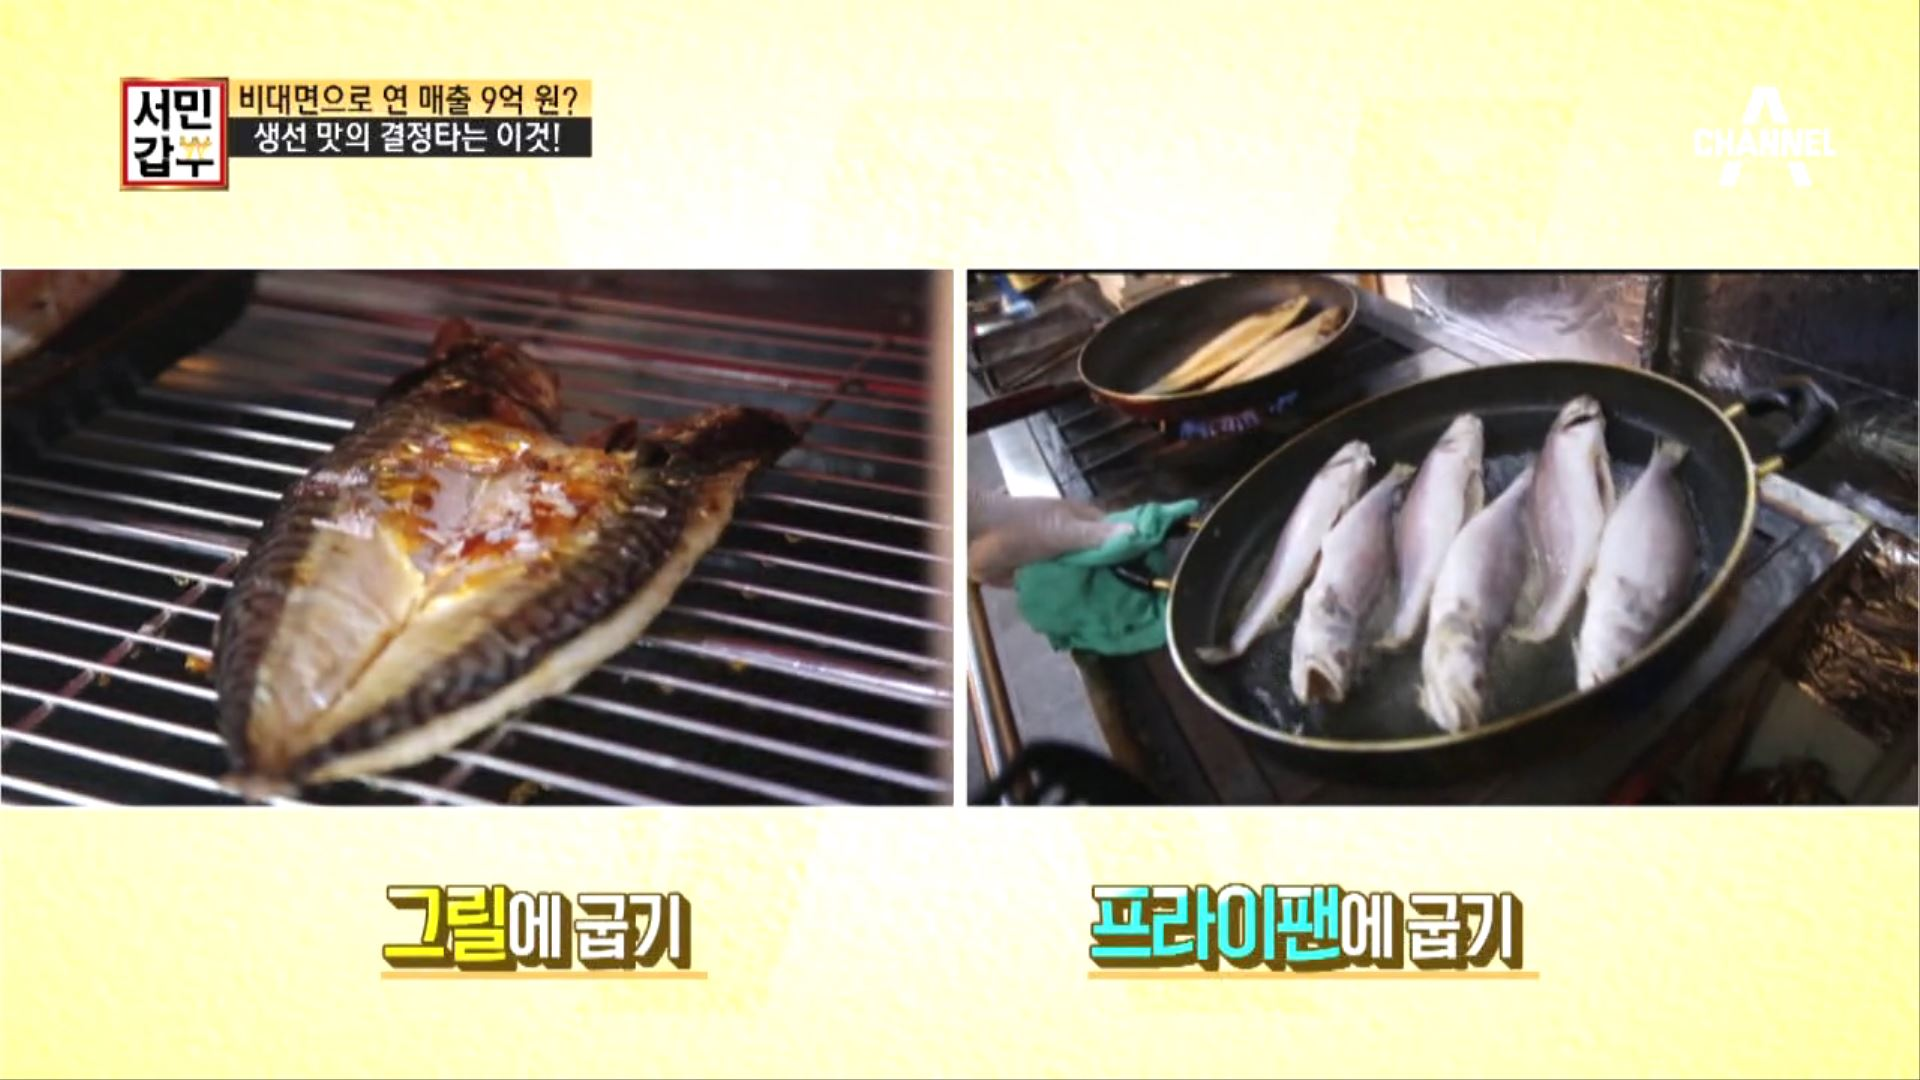 [선공개] 번거로울수록 생선의 맛은 최고! 최상의 생선....